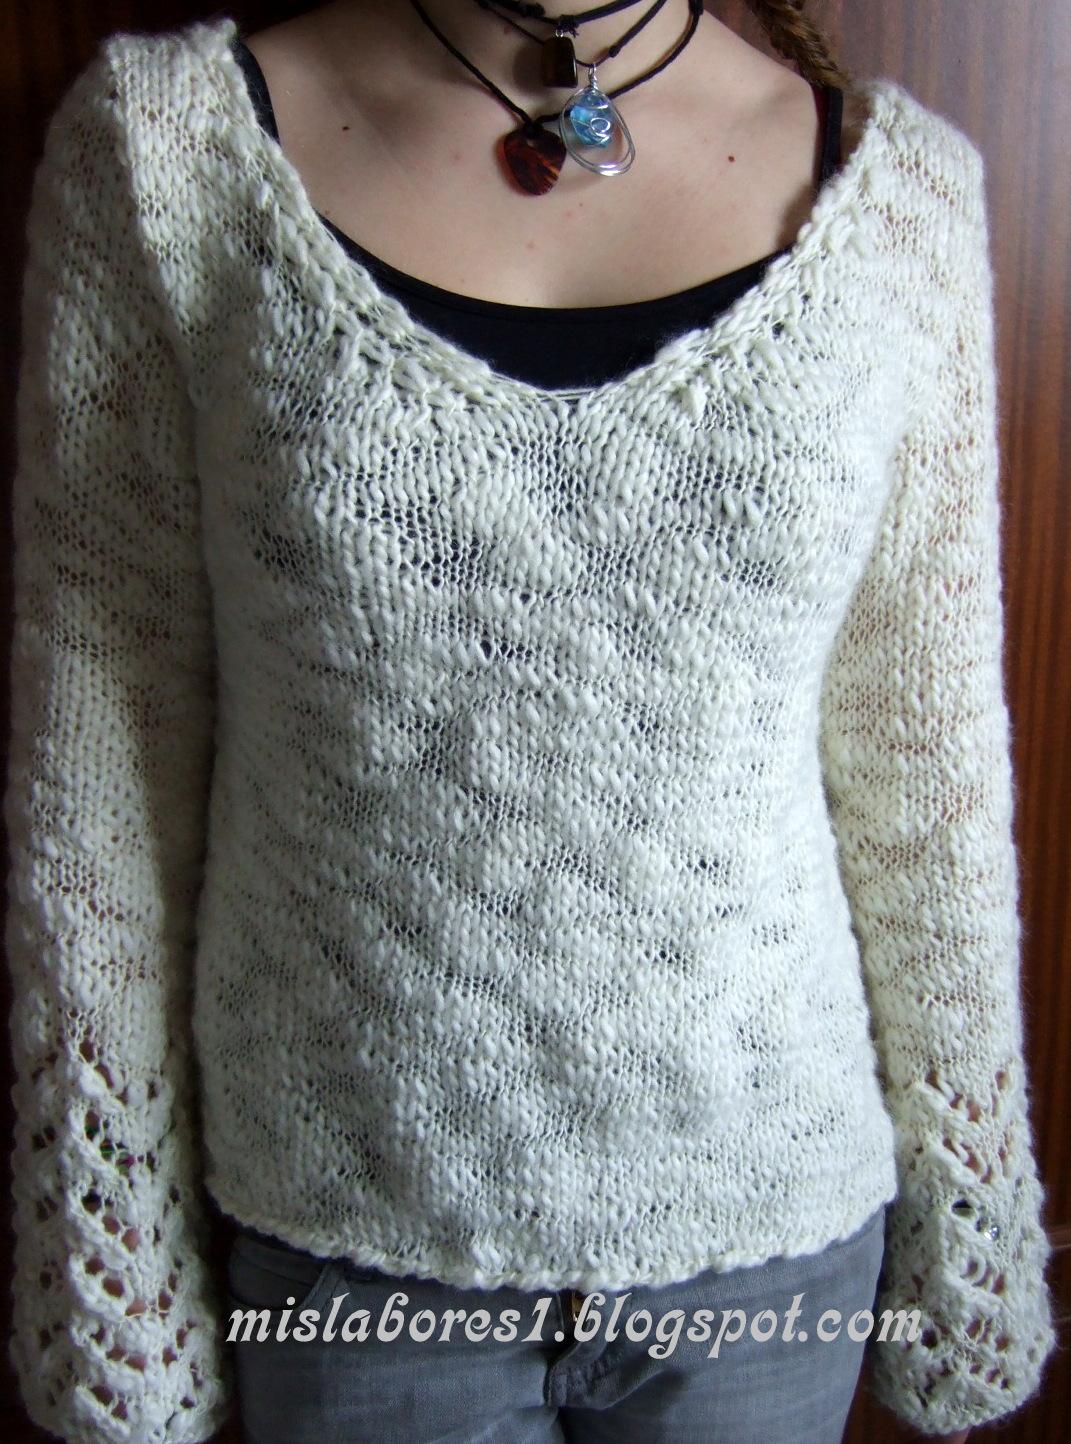 Mis labores jersey con escote en pico - Labores de punto de lana ...